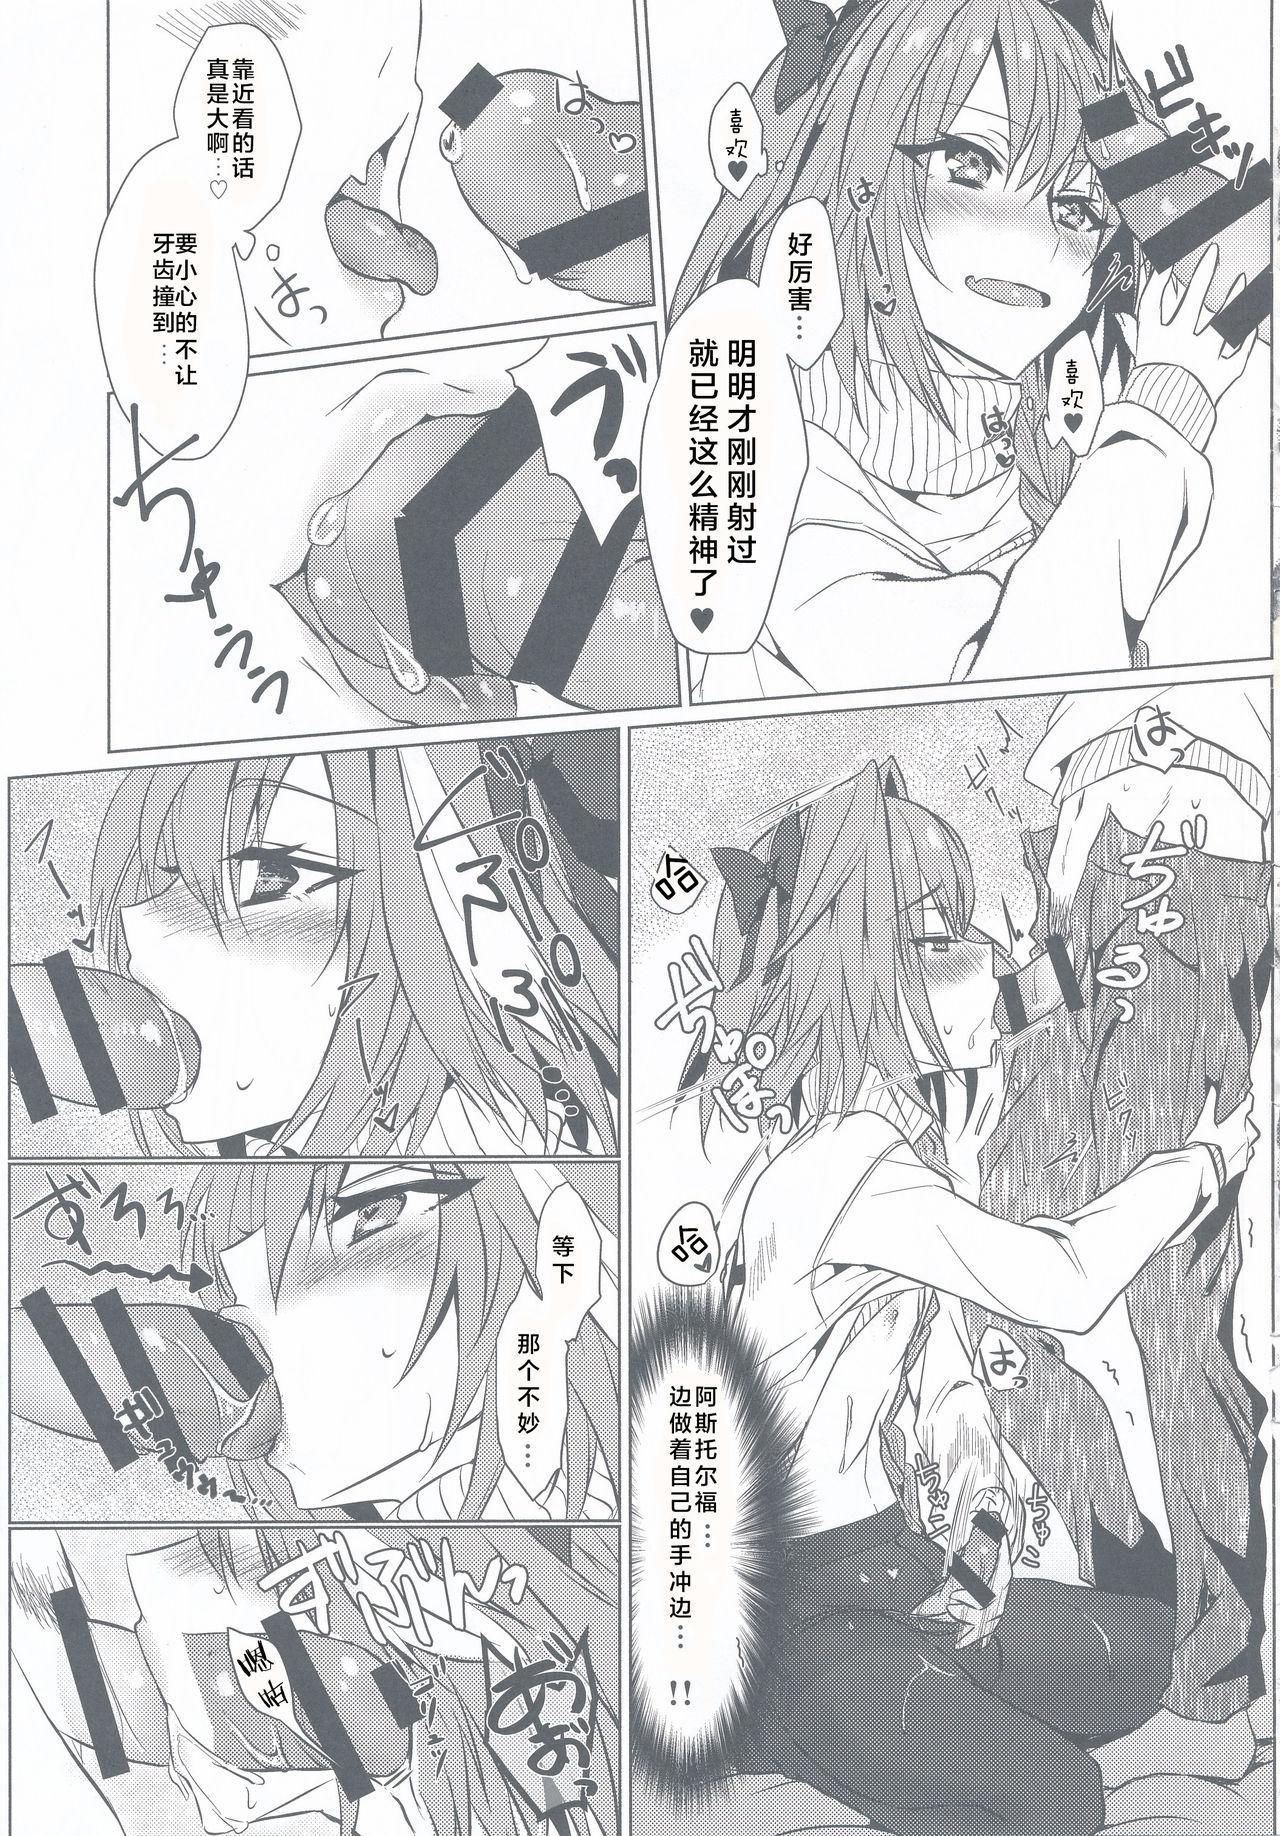 Astolfo-kun to Nenmatsu ni Ichaicha Sugosu Hon 29